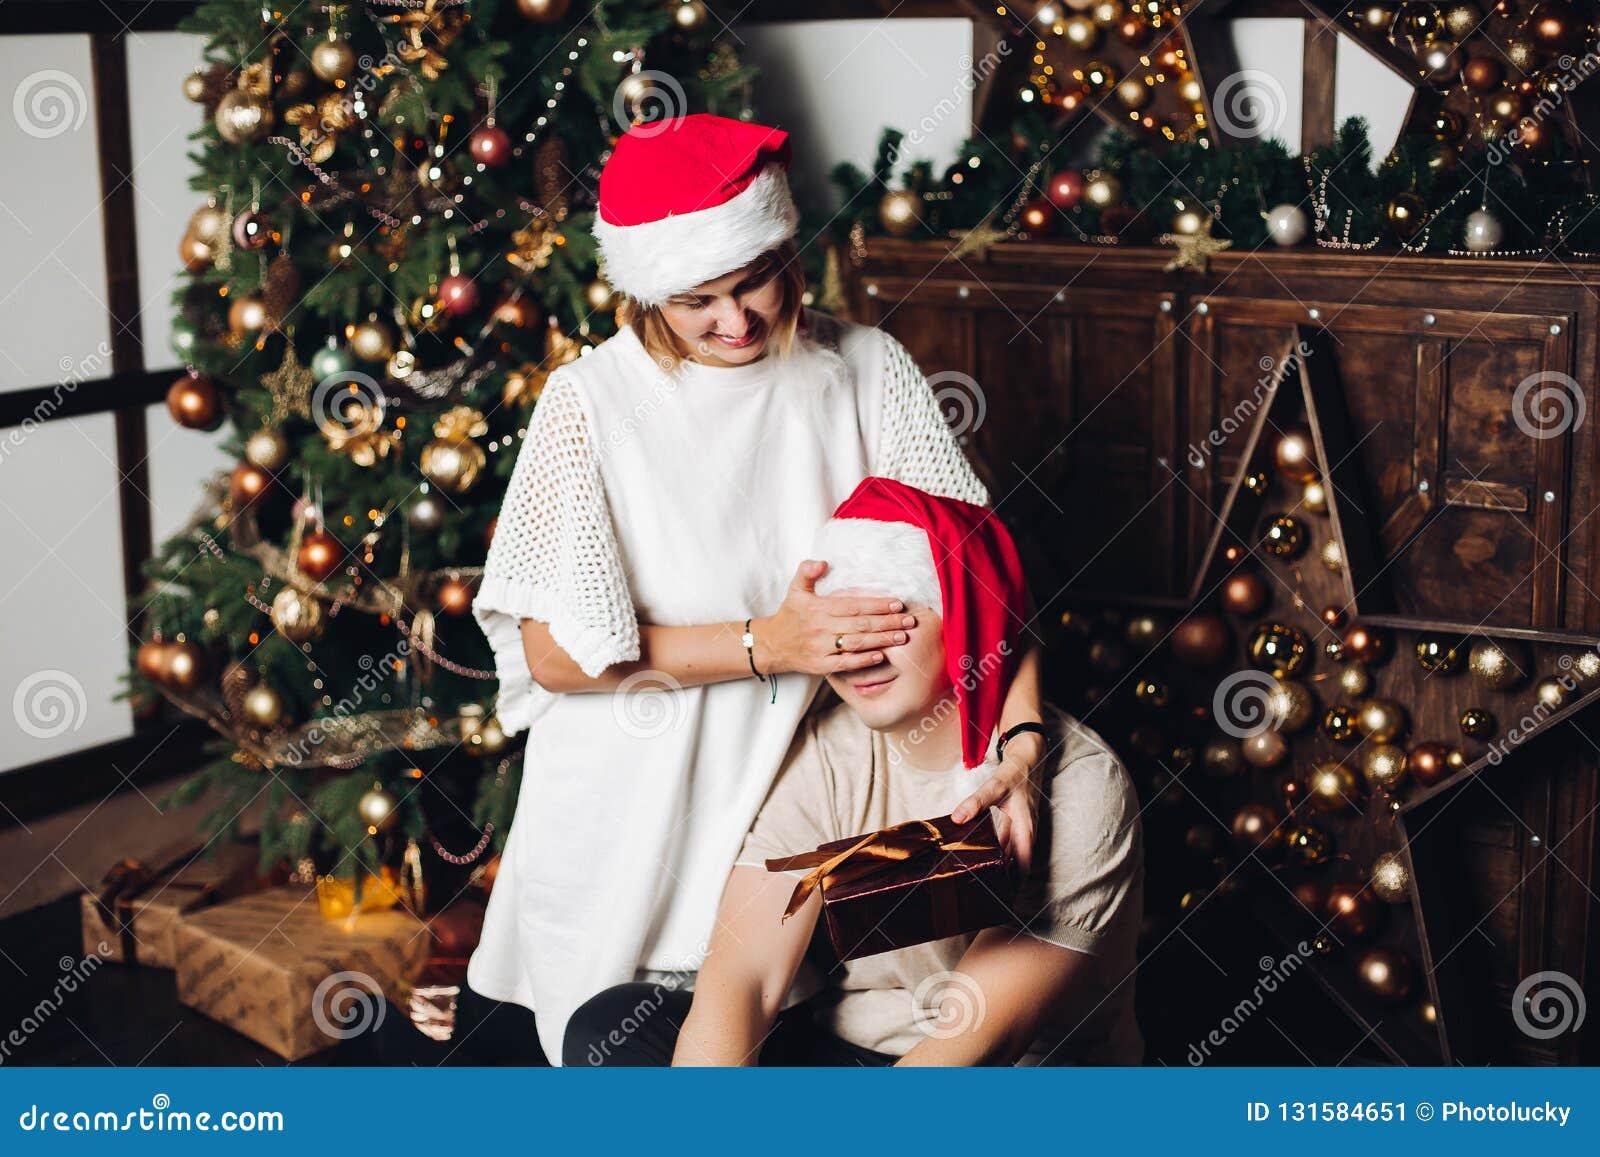 Geschenke Weihnachten Frau.Frau Die Ein Geschenk Ihrem Ehemann Darstellt Stockbild Bild Von